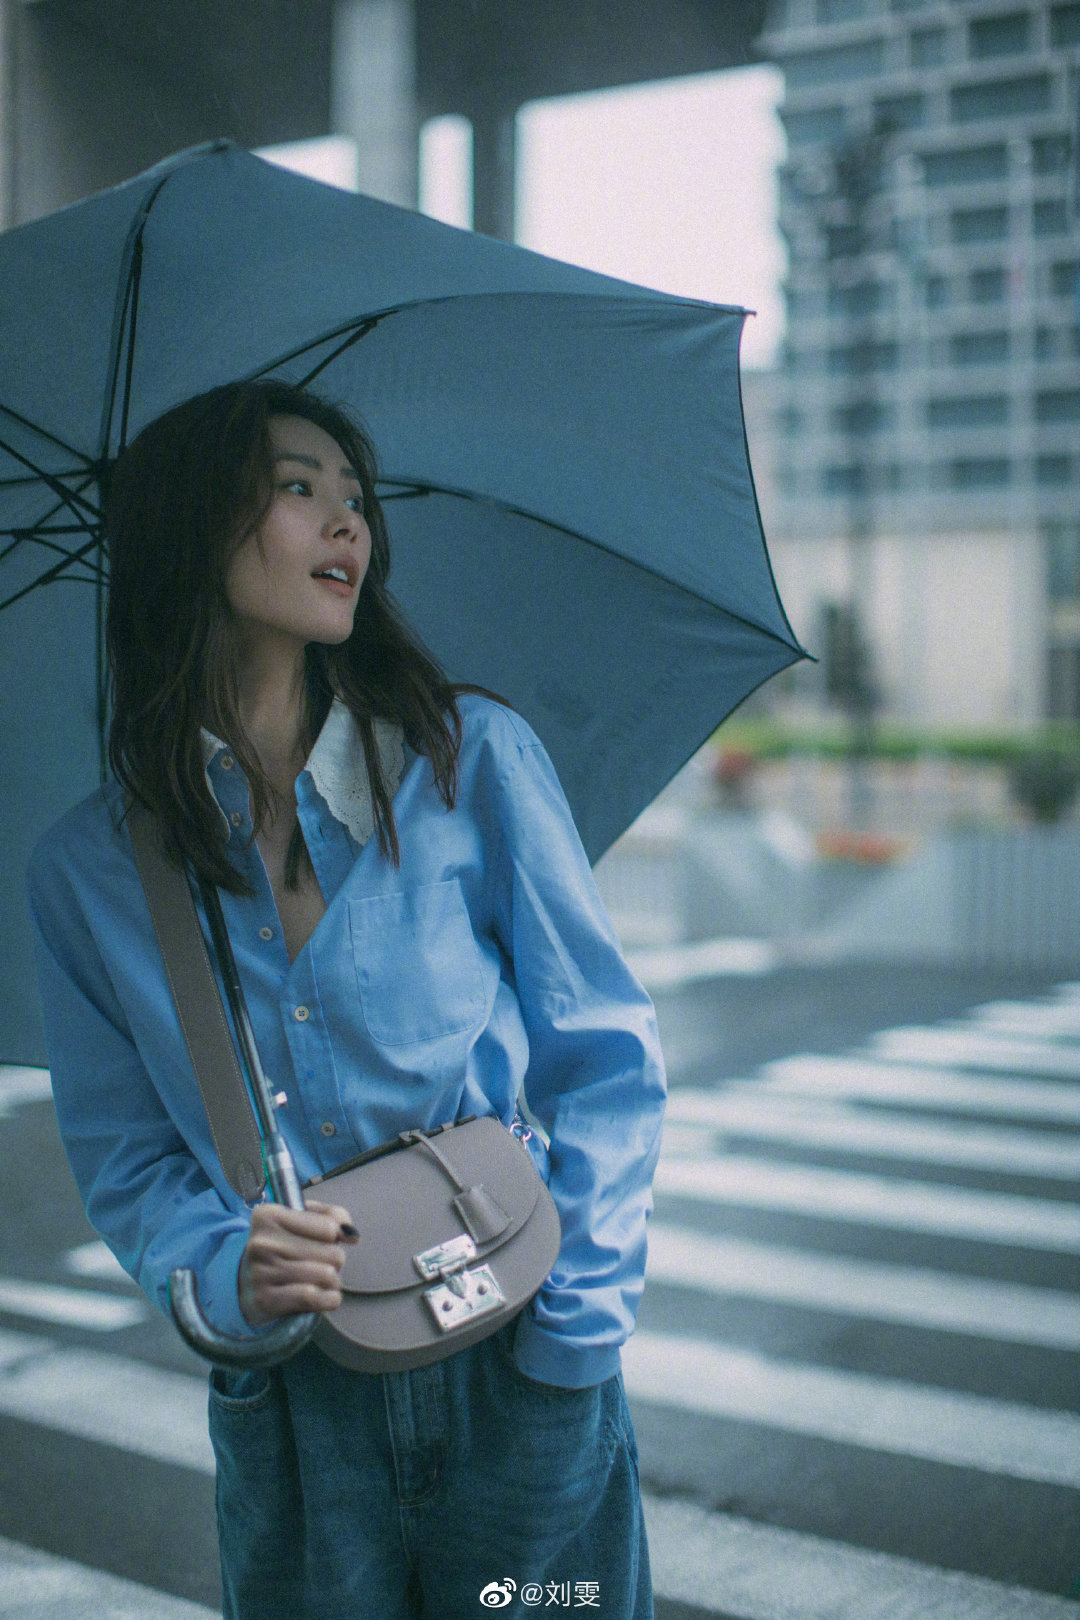 刘雯雨天撑伞写真图片,春雨绵绵,雨天撑伞的大表姐!